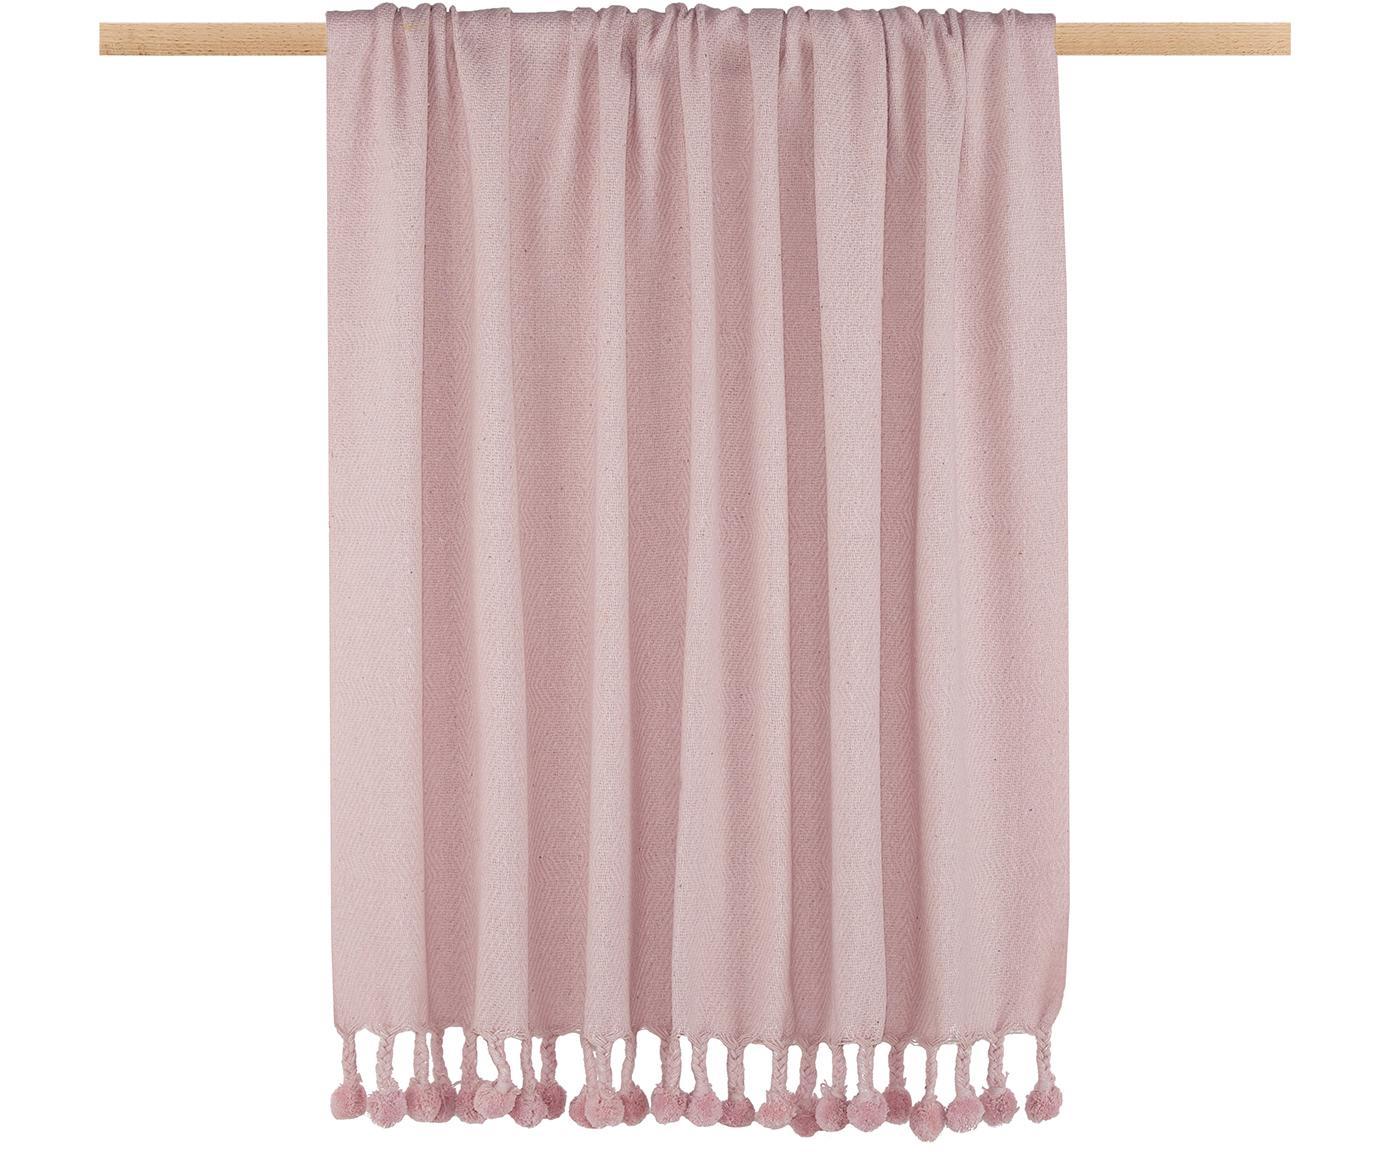 Plaid Sorbet aus recycelter Baumwolle mit Pompoms, Recyceltes Material aus der Modeindustrie in verschiedenen Farben, 100% Baumwolle, Rosa, 130 x 186 cm